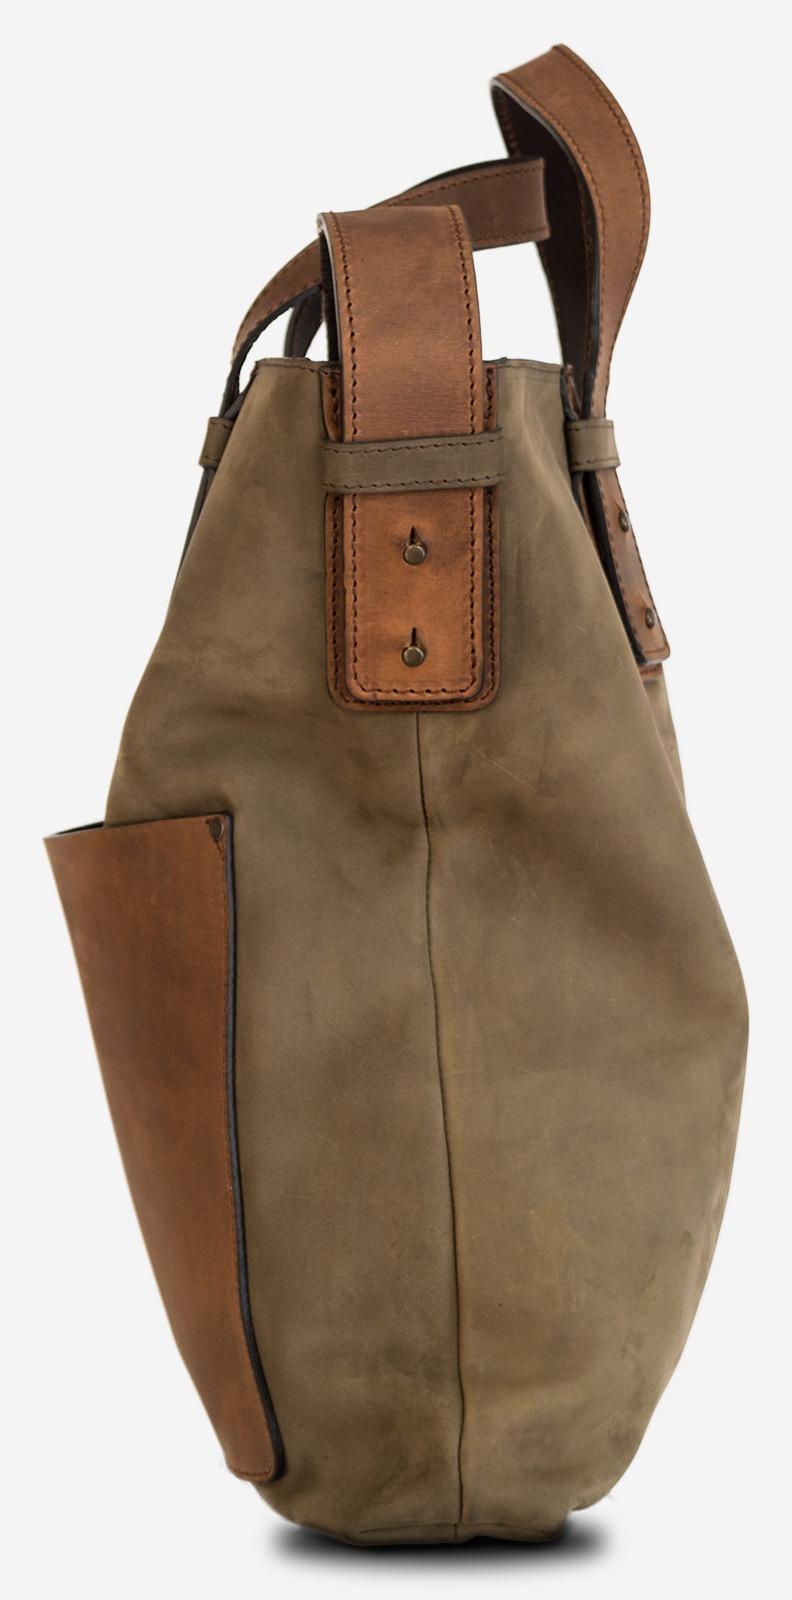 Side of the handmade leather handbag for men.